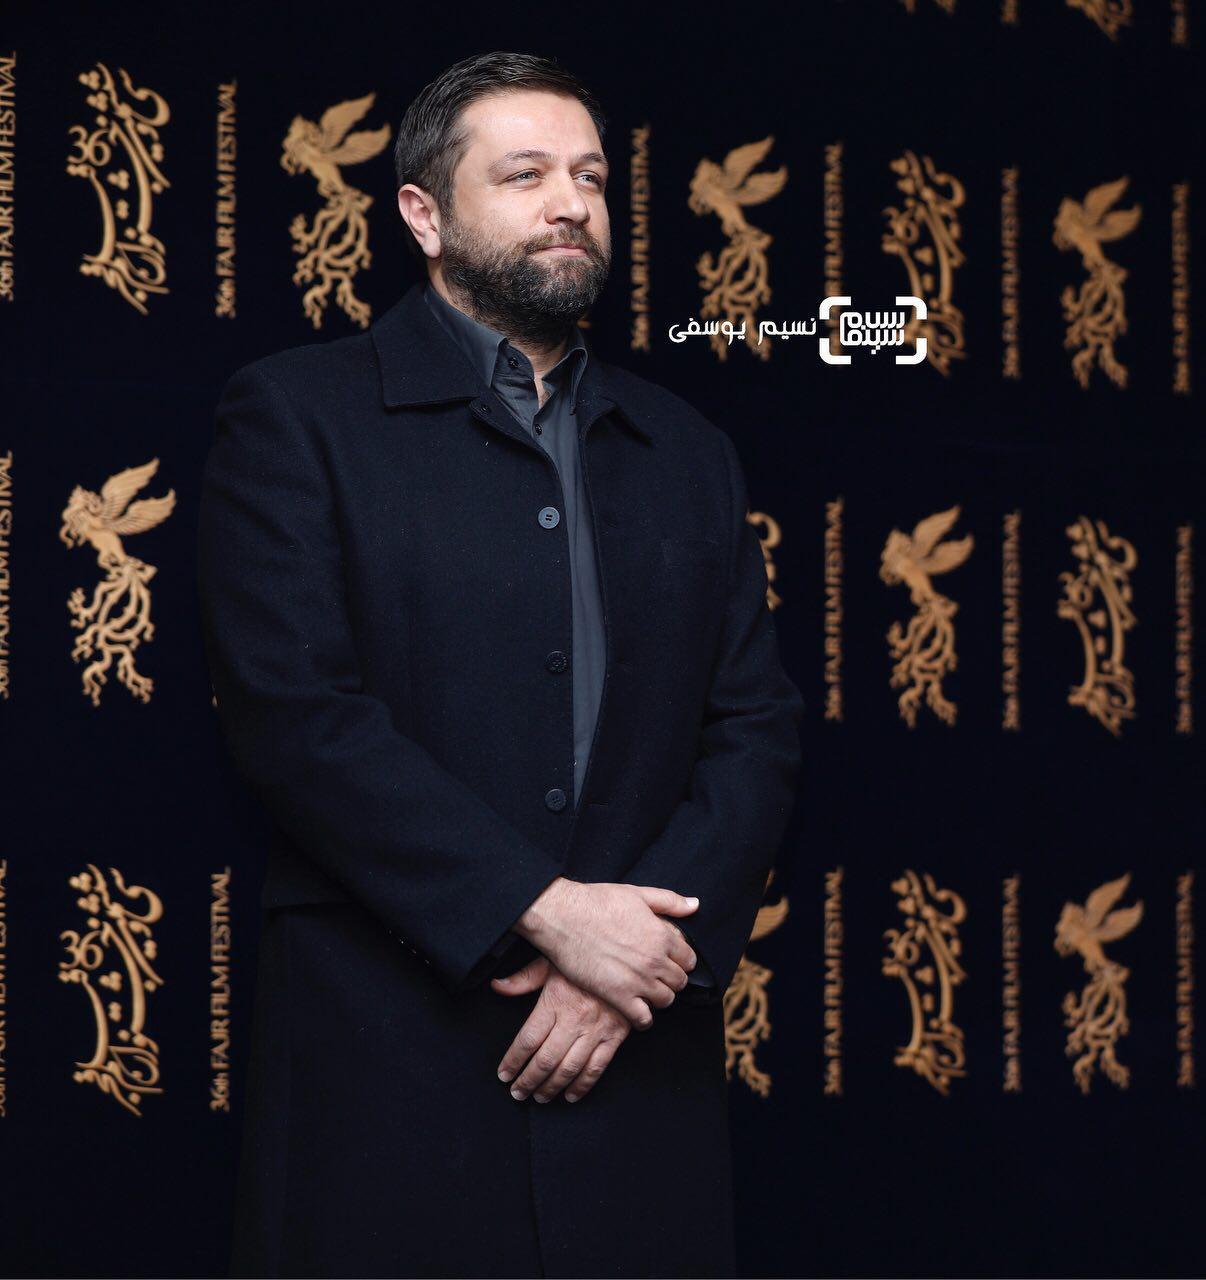 مزدک میرعابدینی در نشست خبری فیلم «مصادره» در کاخ رسانه سی و ششمین جشنواره فیلم فجر